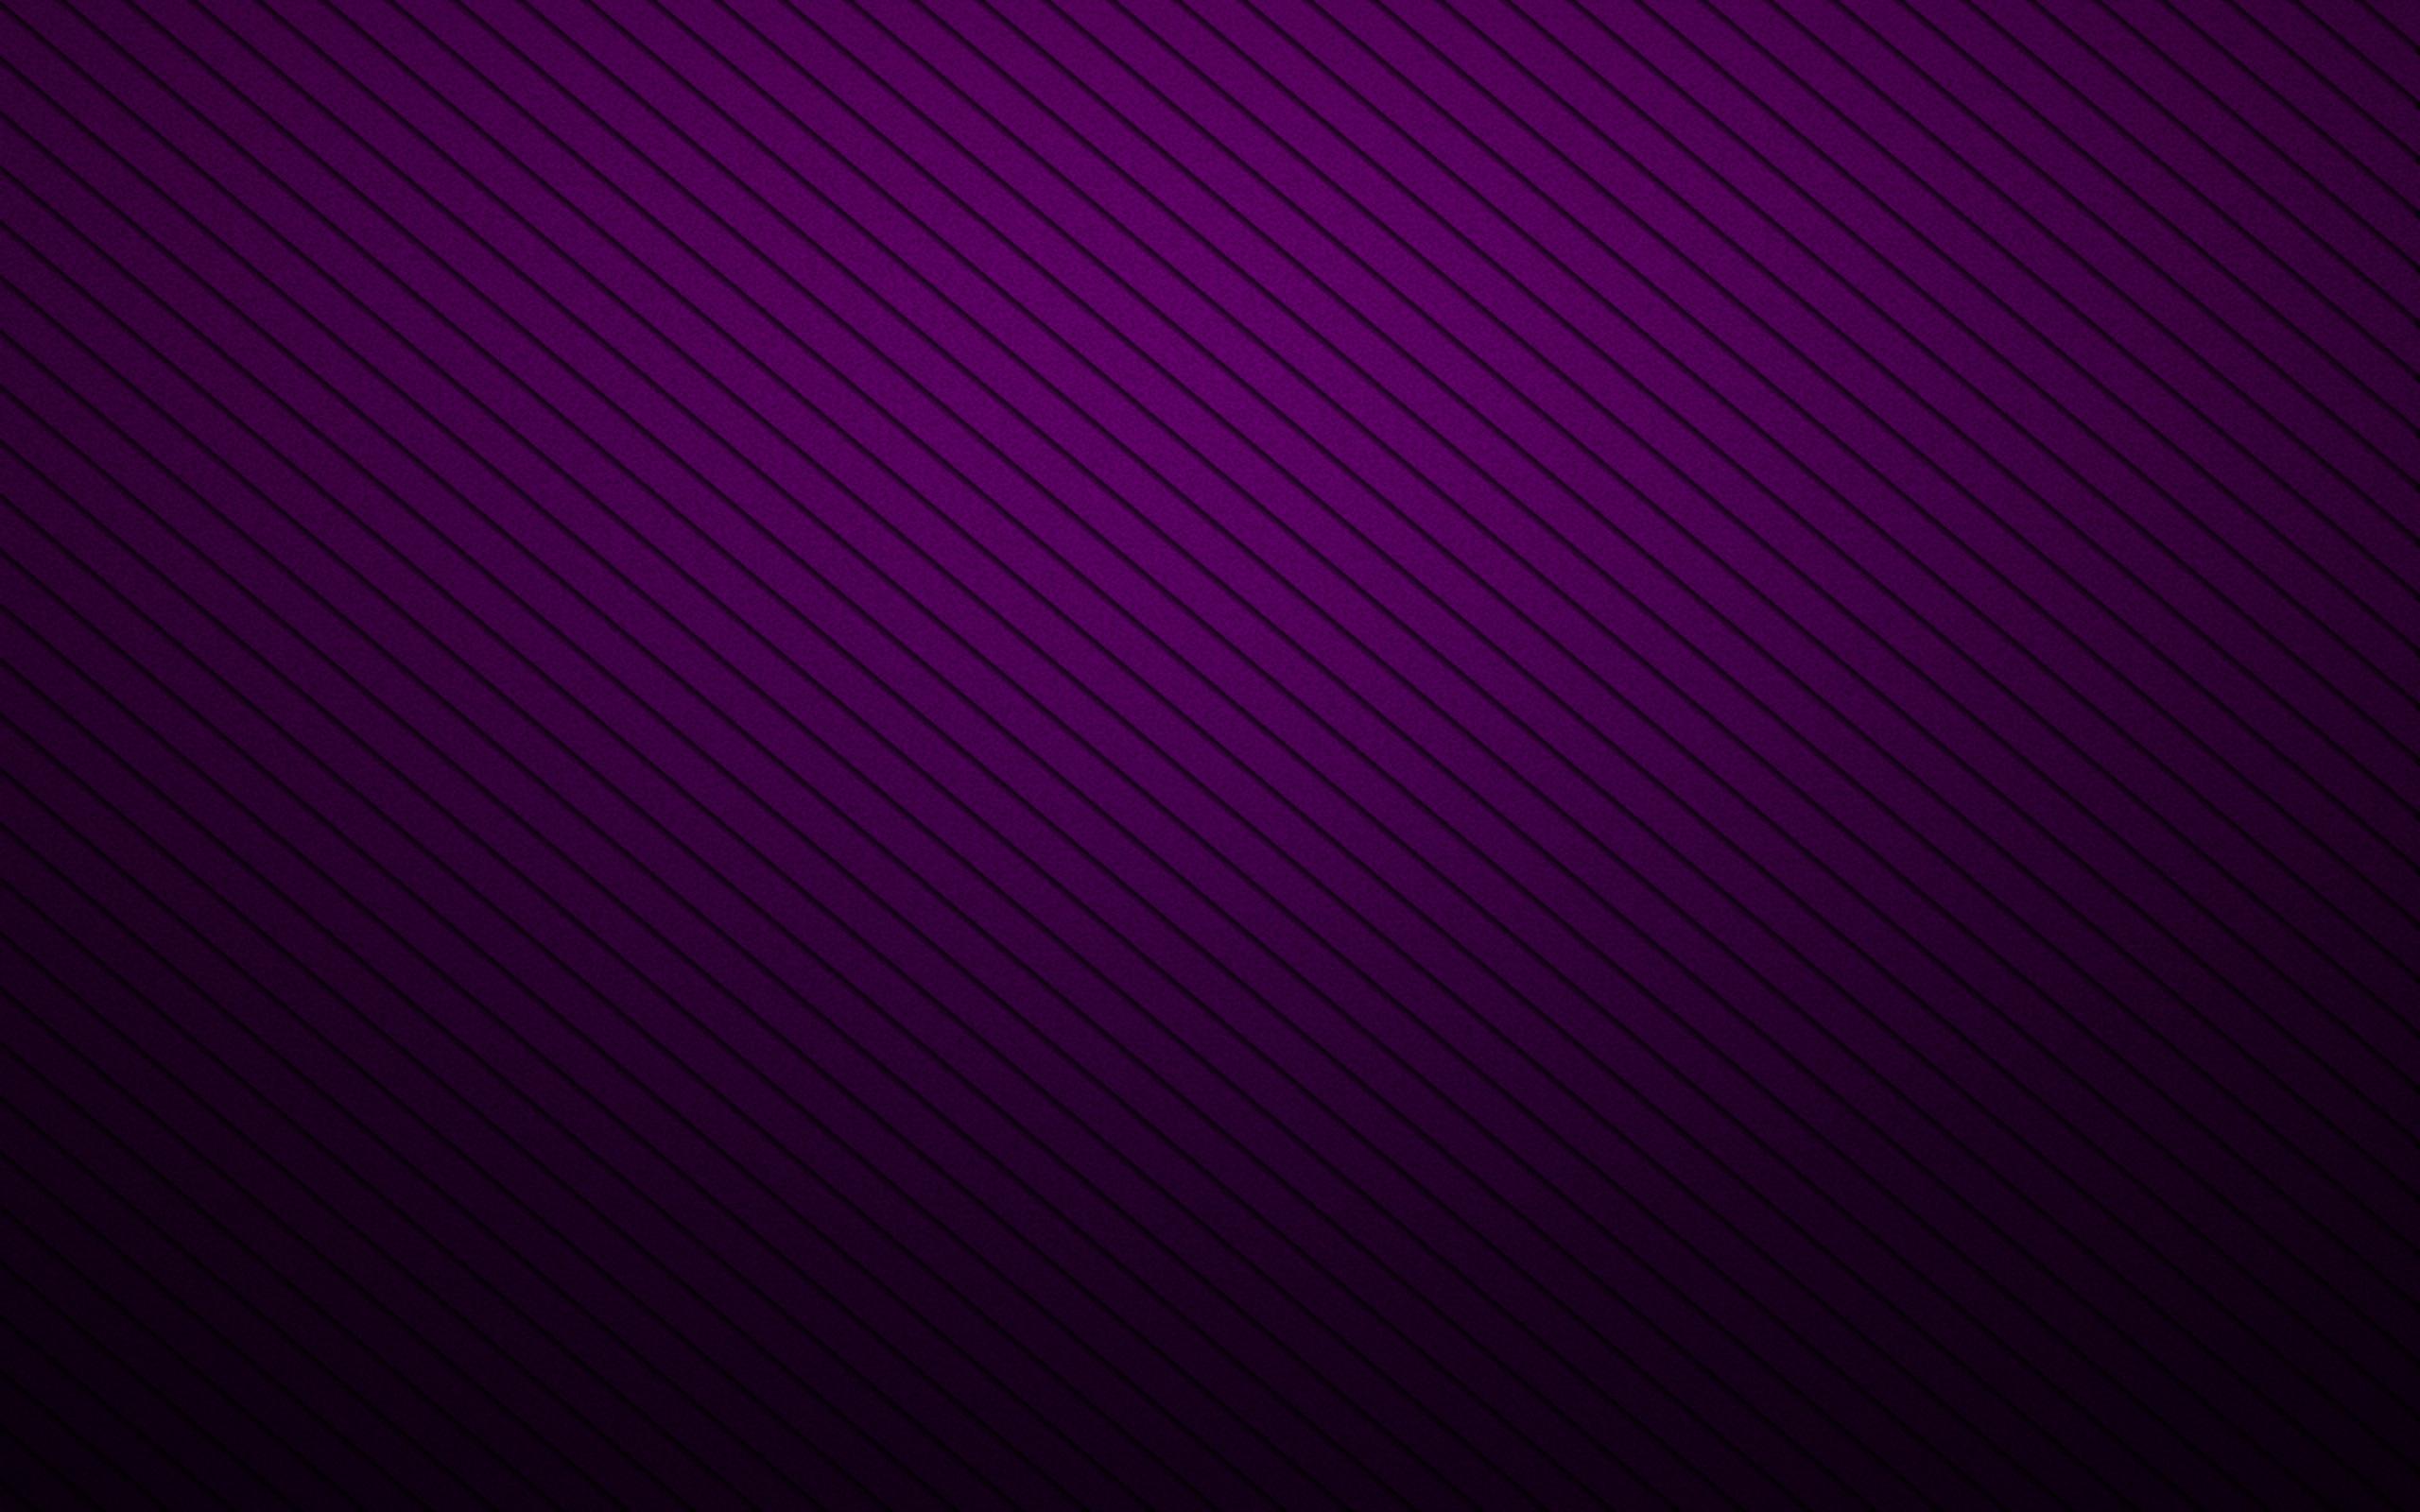 [Resim: lines_texture10903gu7n.jpg]